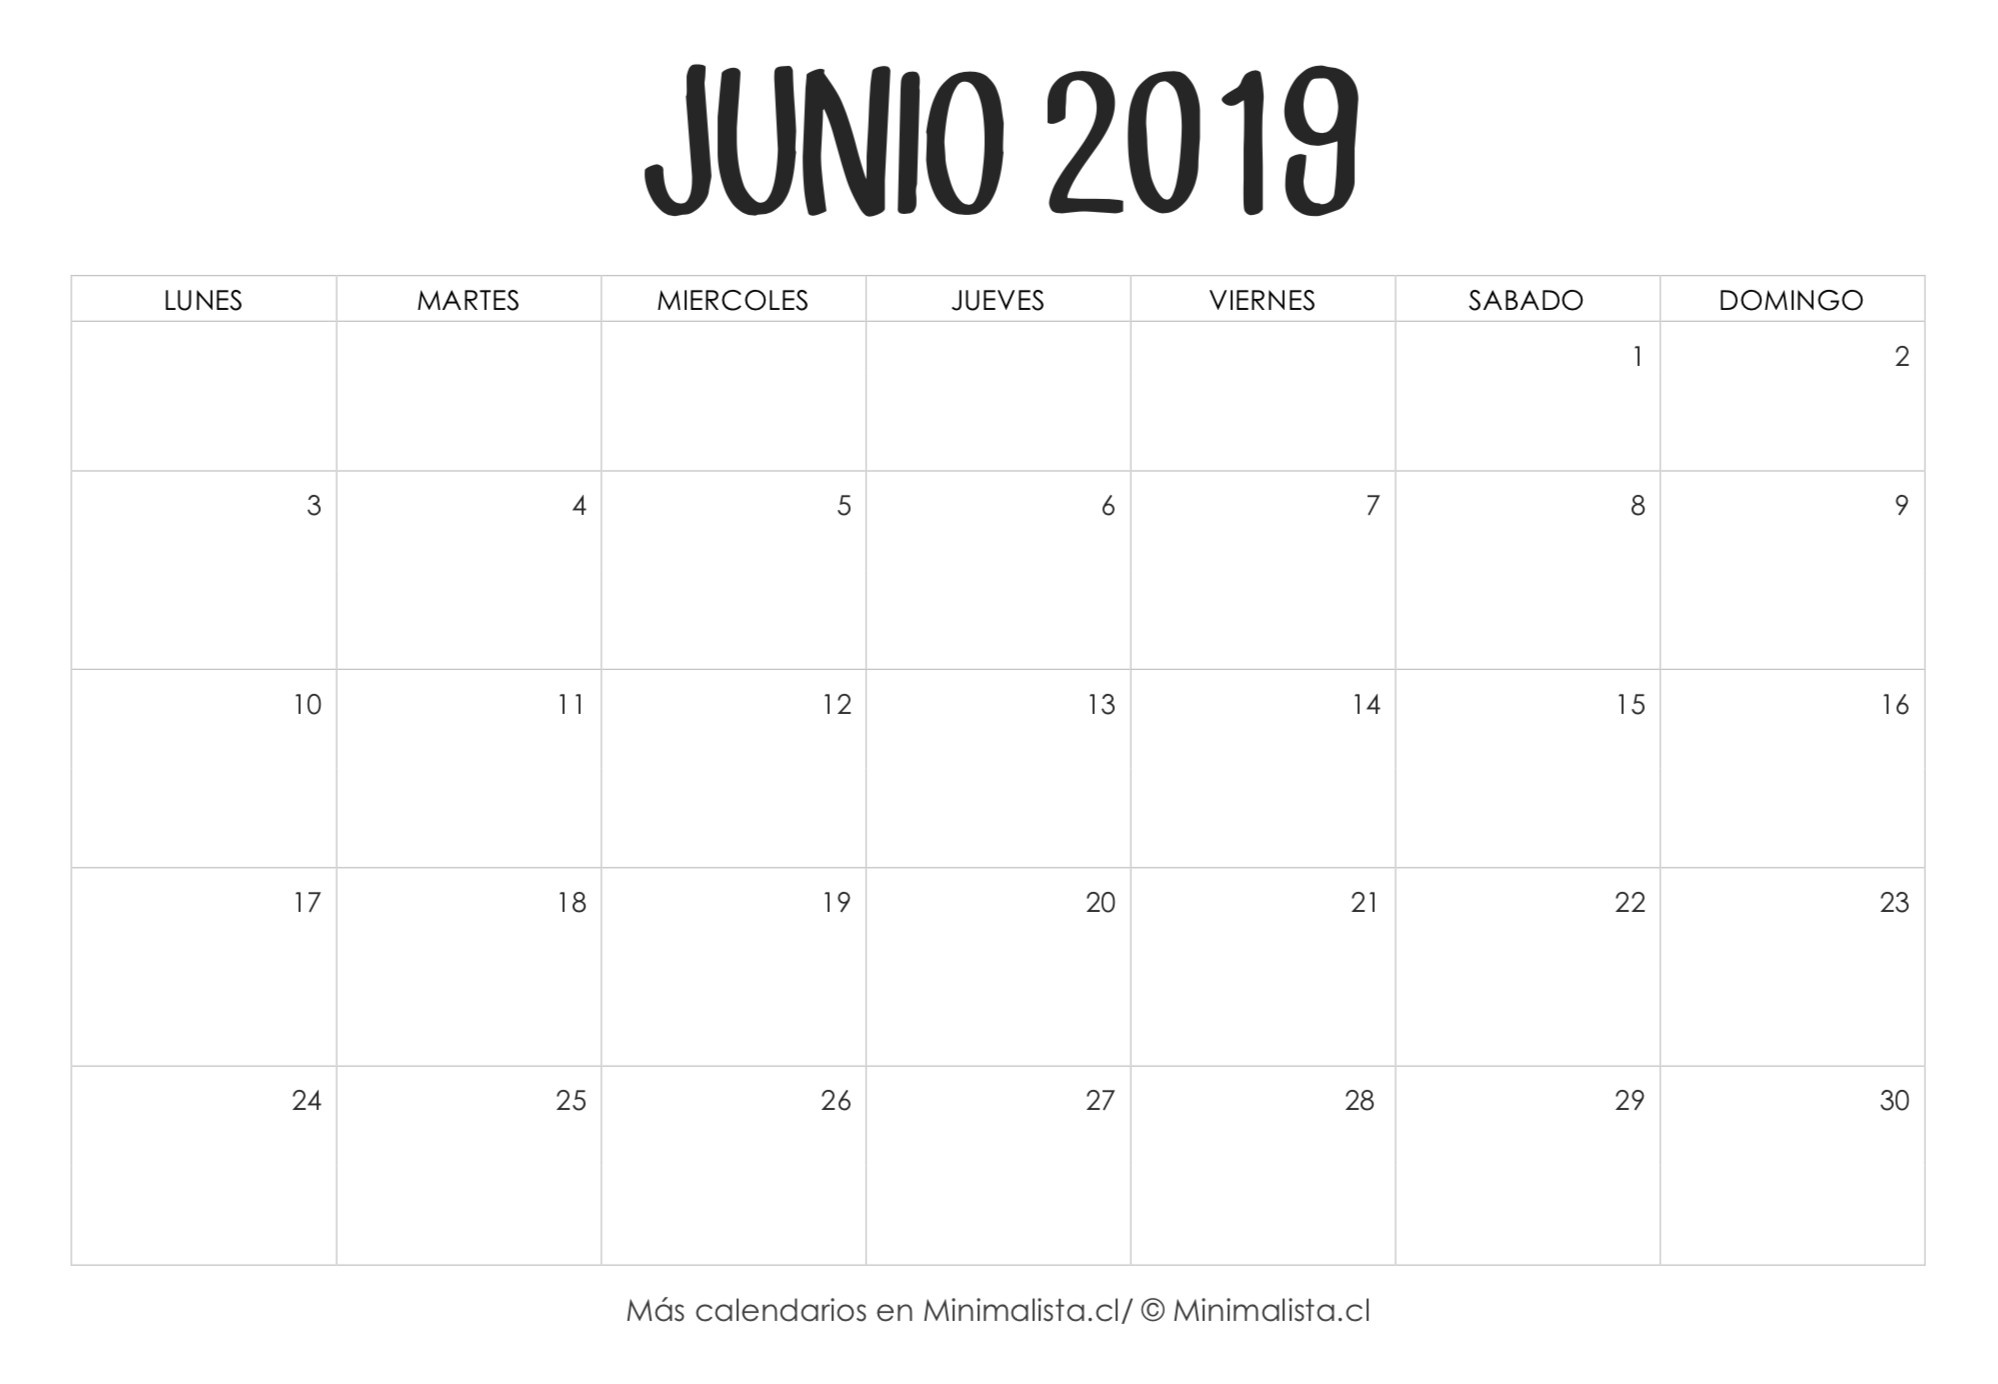 Calendario 2019 Colombia Con Festivos Pdf Más Populares Best Calendario Enero 2017 Para Imprimir Pdf Image Collection Of Calendario 2019 Colombia Con Festivos Pdf Más Reciente Informes Calendario De Escritorio 2019 Para Imprimir Pdf